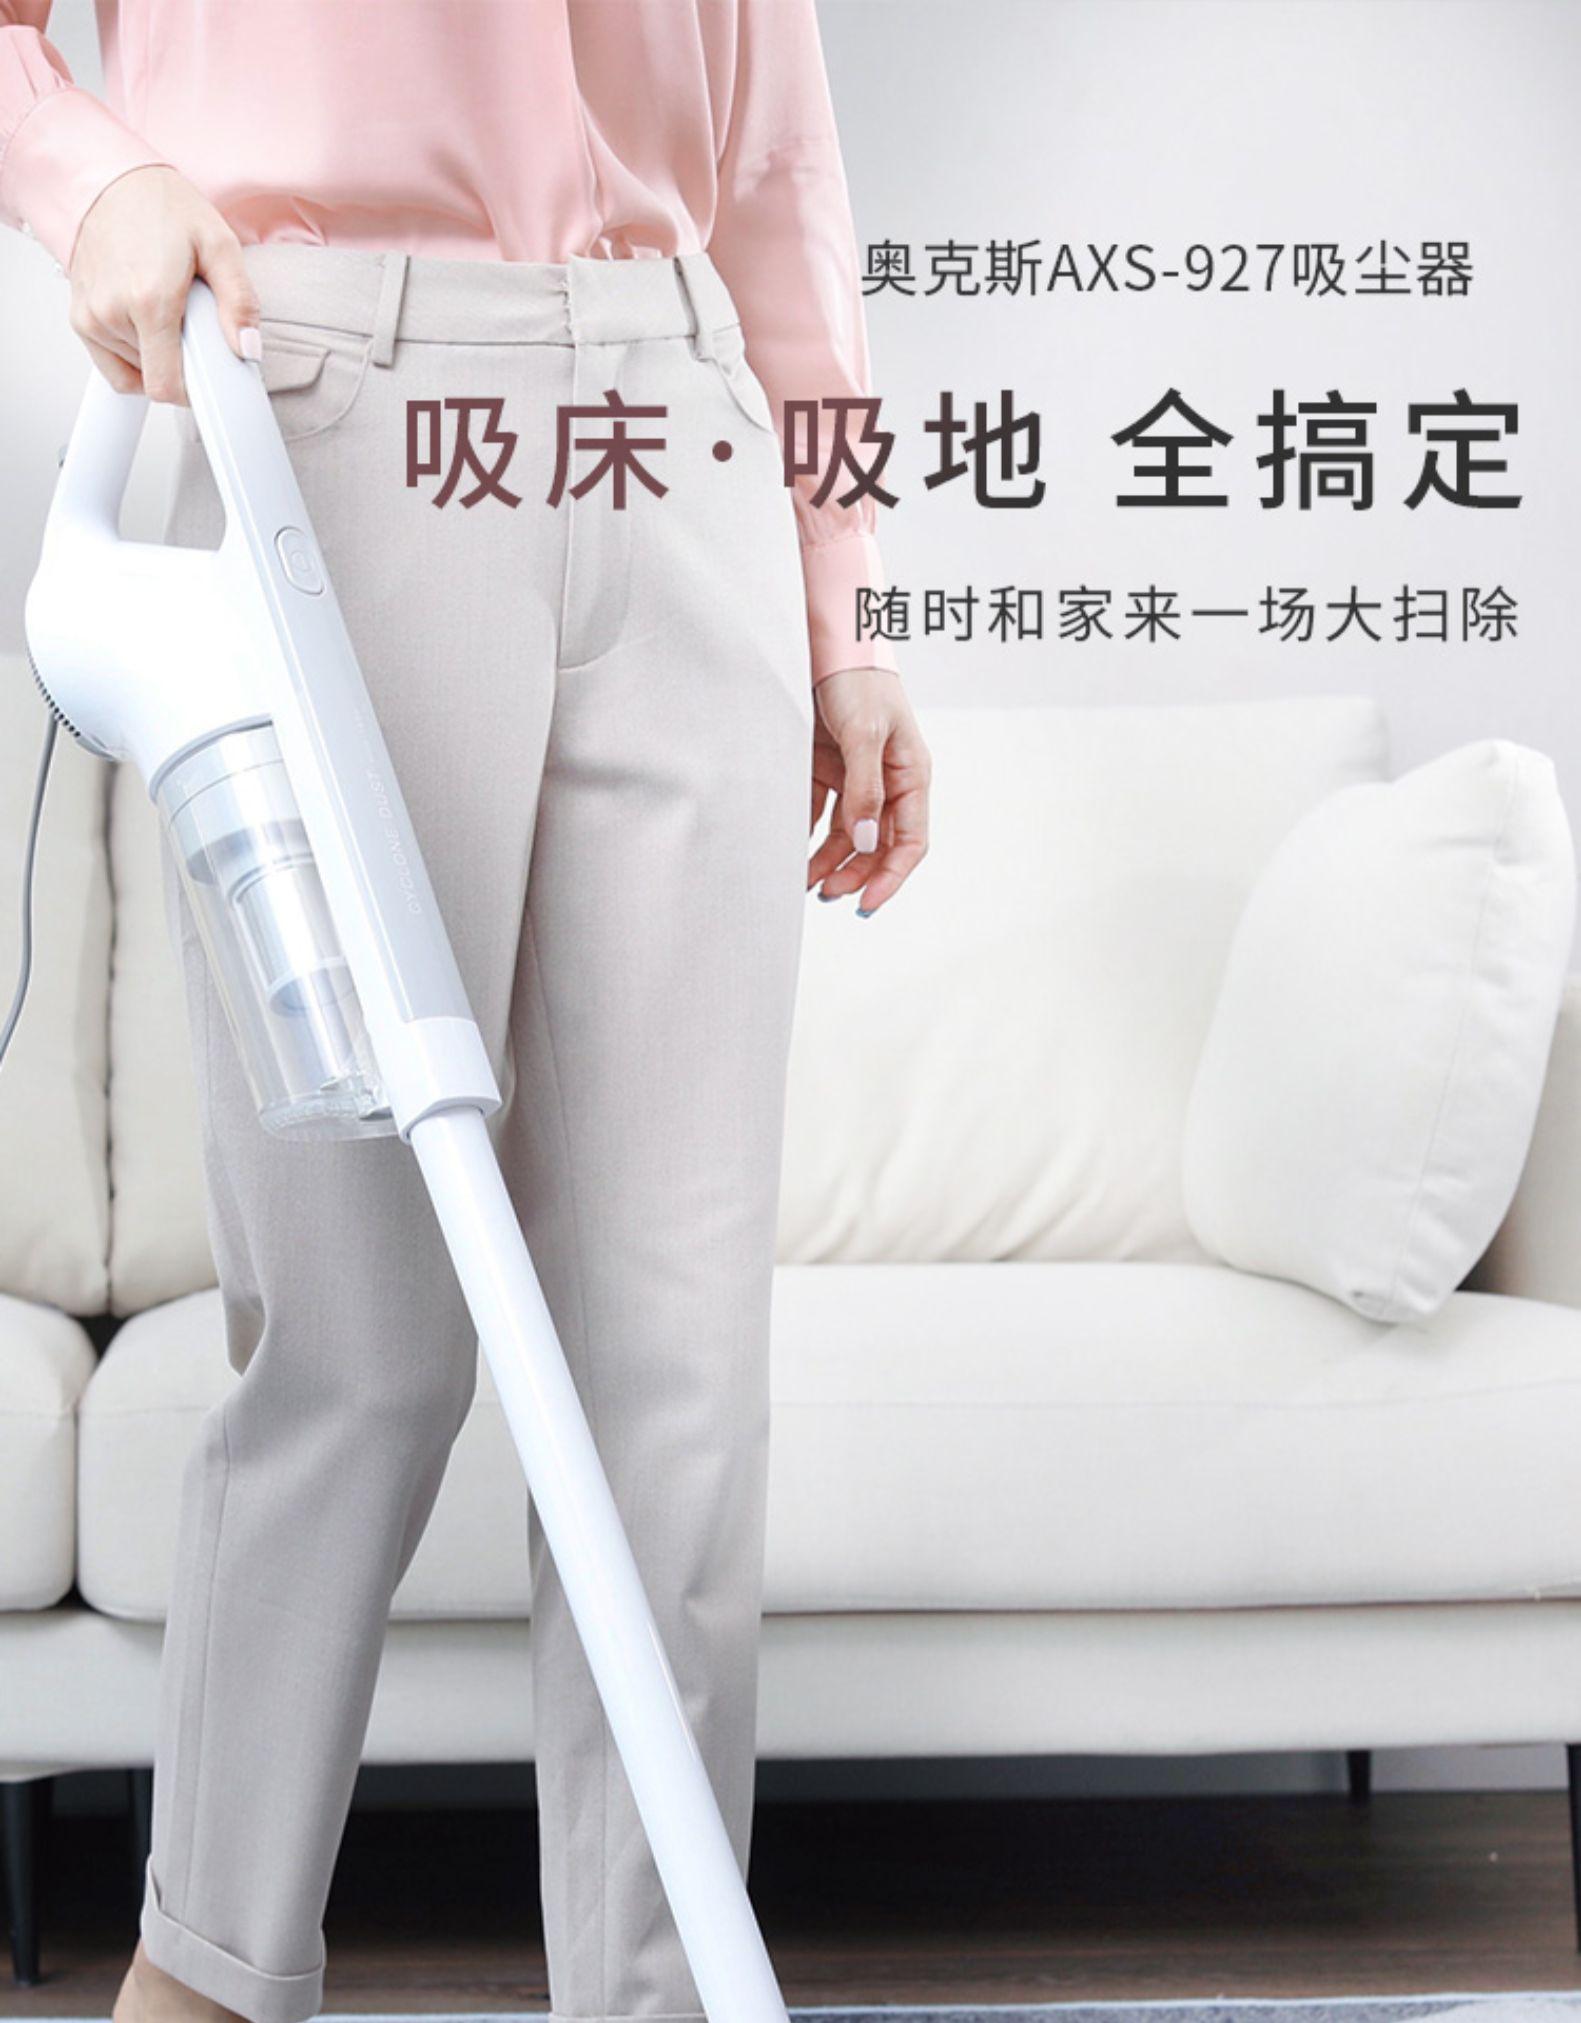 奥克斯AXS-927吸尘器吸床·吸地全搞定随时和家来一场大扫除-推好价 | 品质生活 精选好价